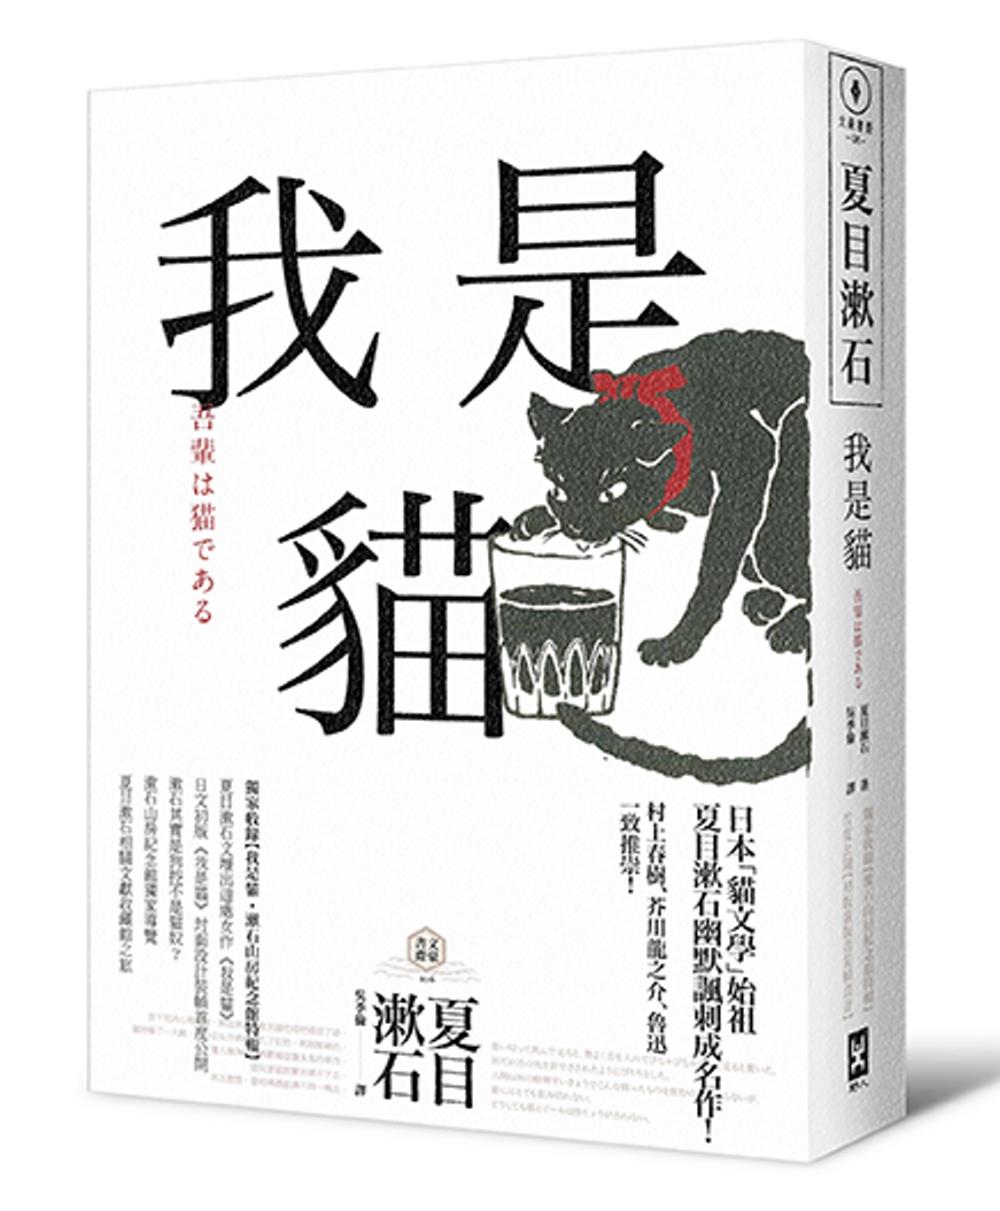 我是貓【獨家收錄1905年初版貓版畫‧漱石山房紀念館特輯】:夏目漱石最受歡迎成名作